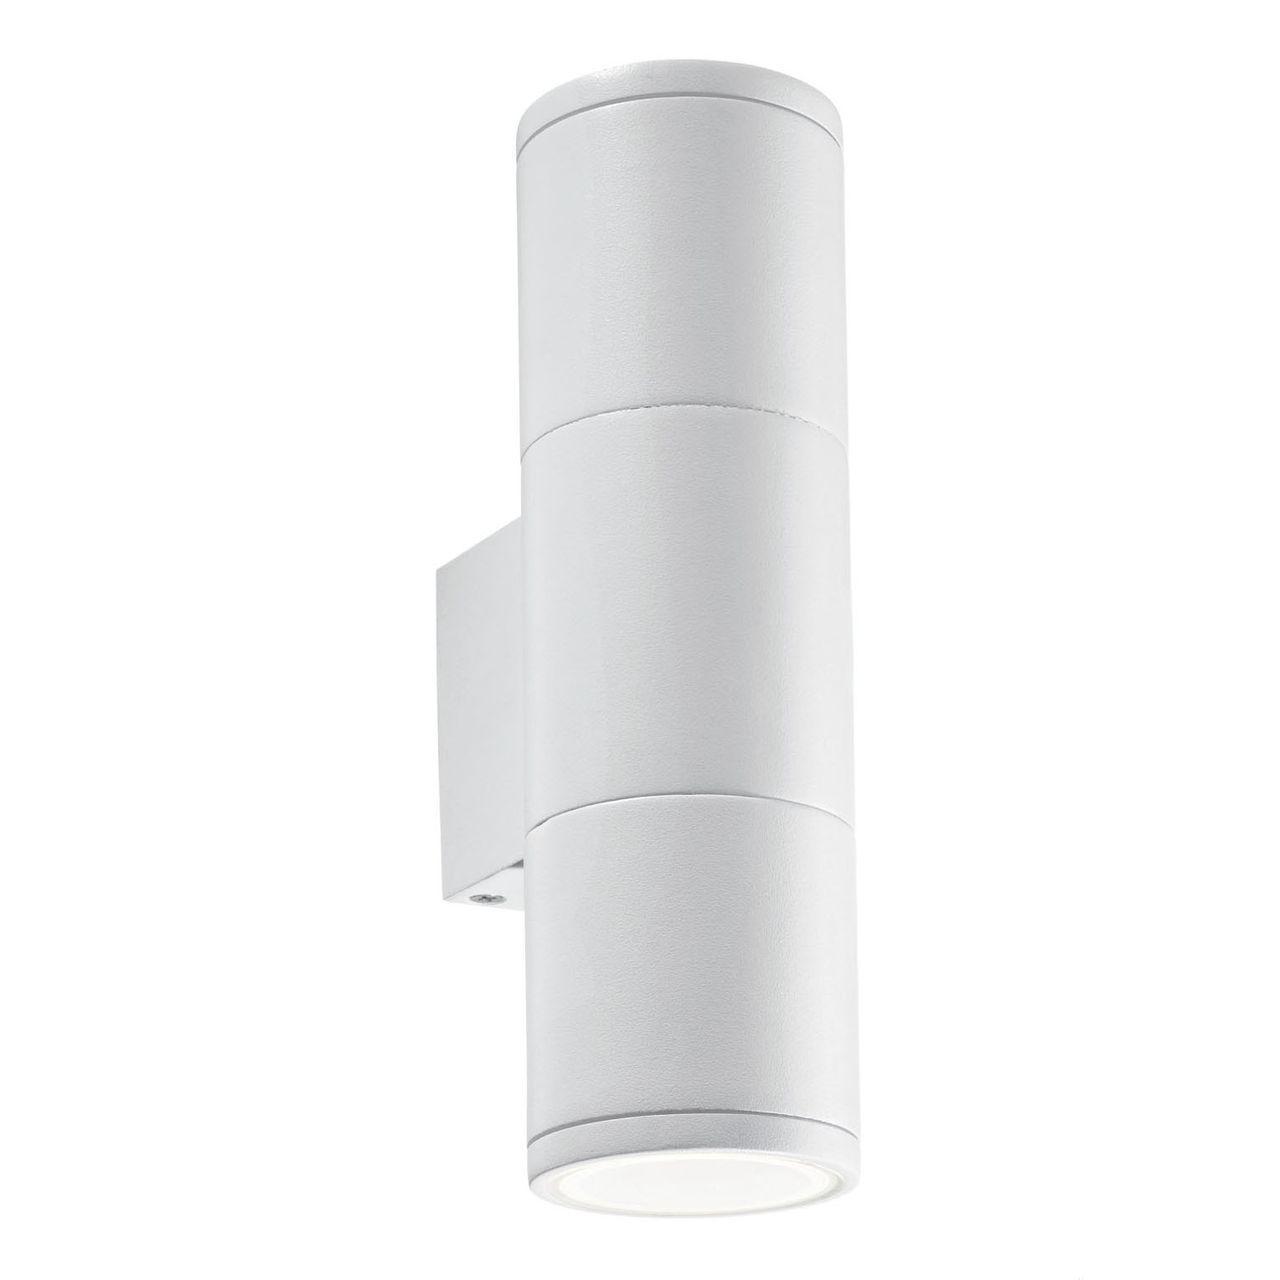 Уличный настенный светильник Ideal Lux Gun AP2 Small Bianco